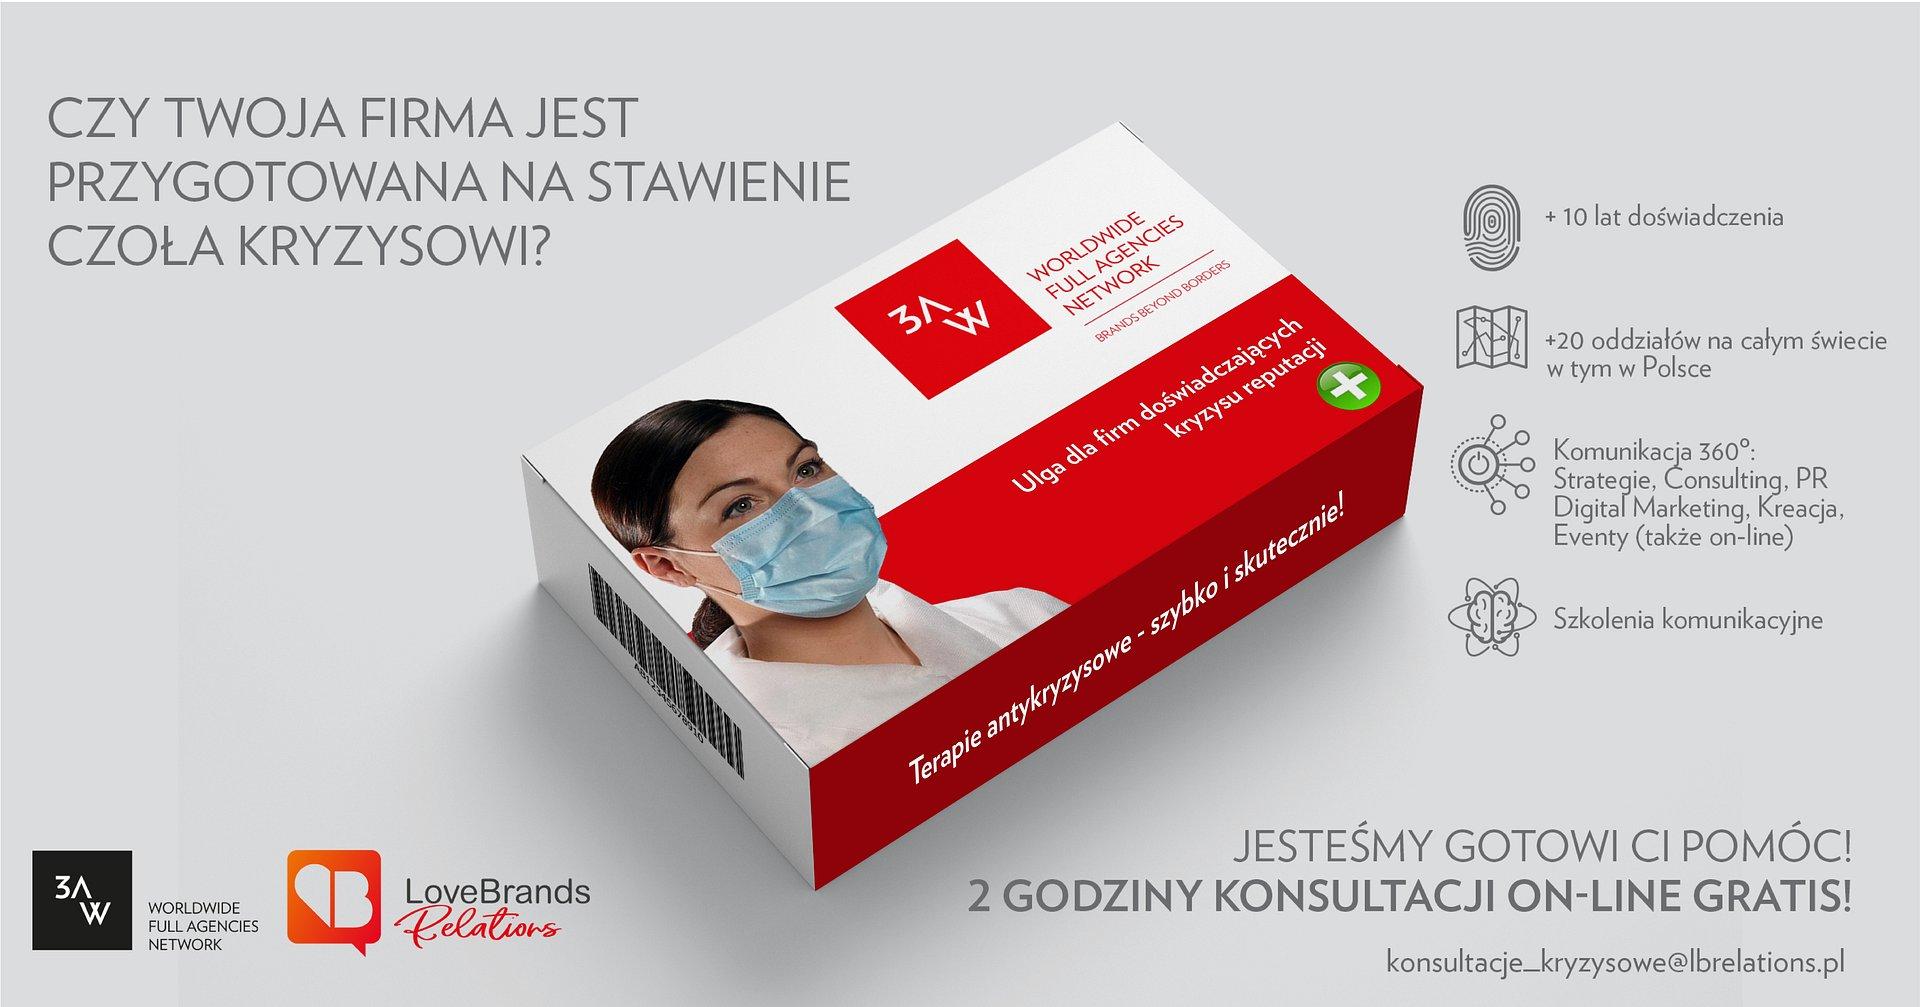 Sieć 3AW i LoveBrands Relations promują swoje usługi antykryzysowe kampanią w kanałach społecznościowych. W Polsce LoveBrands Relations oferuje do 2h konsultacji on-line gratis